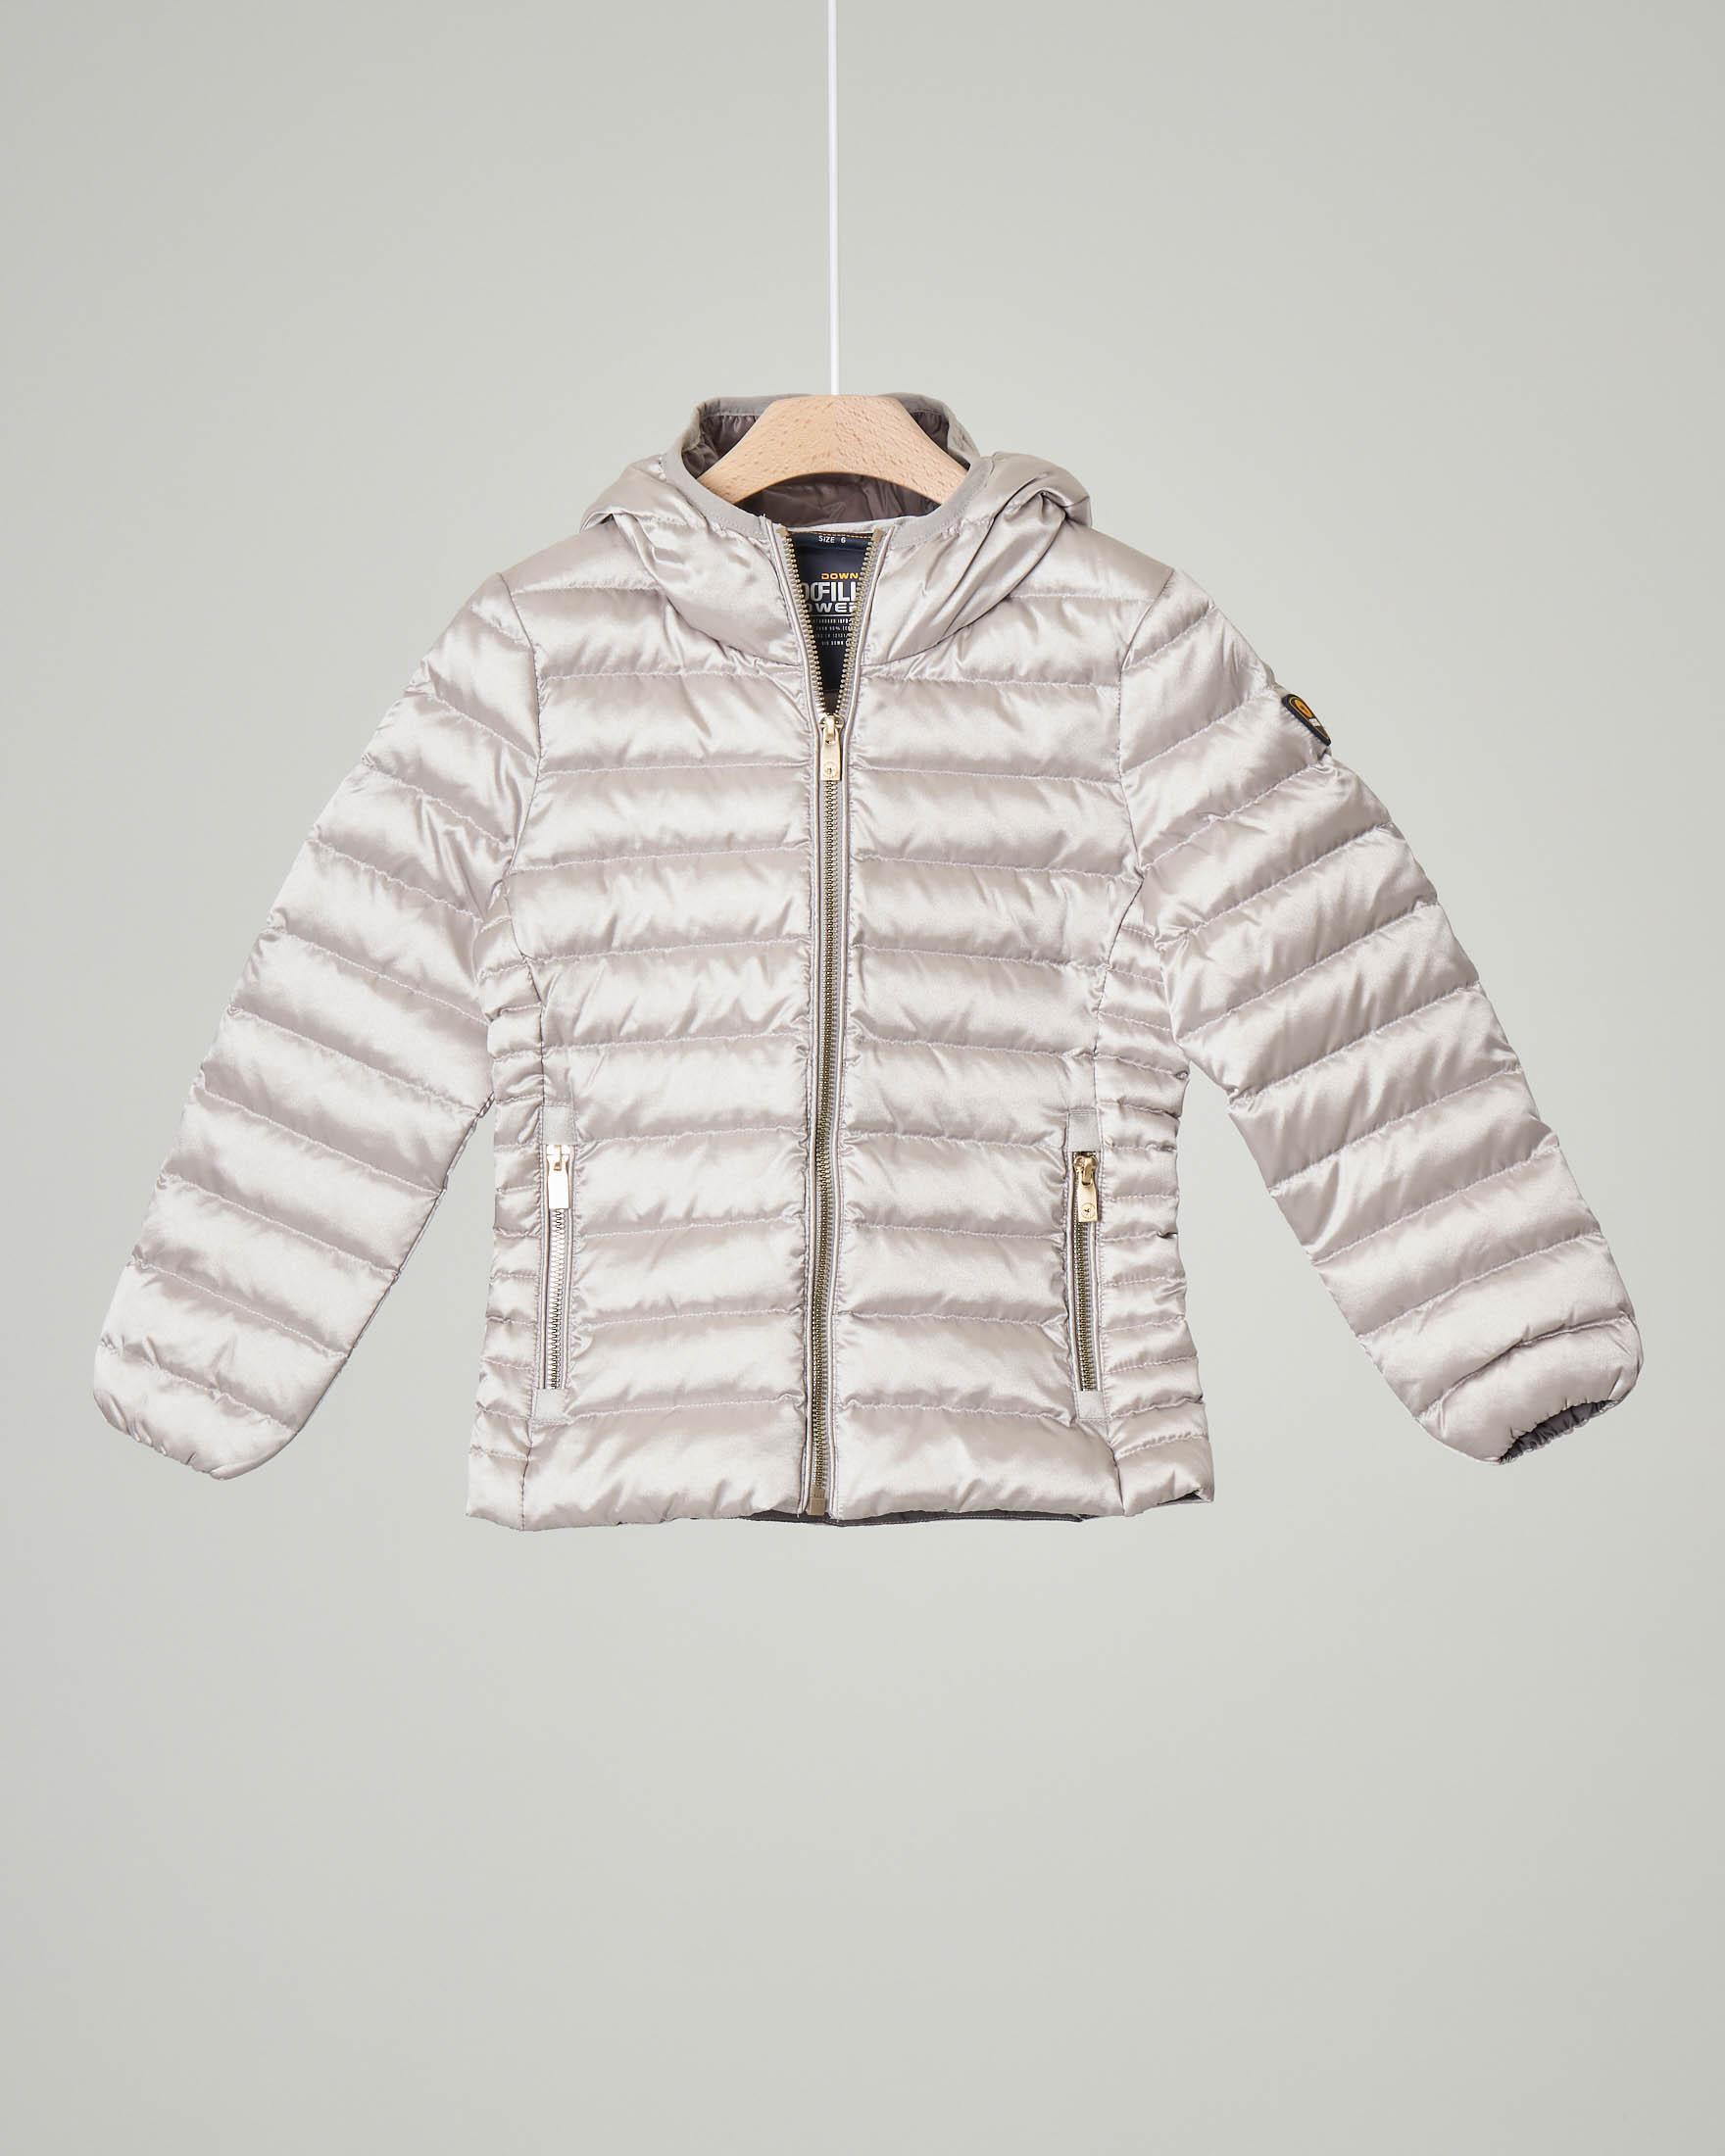 Piumino color argento con cappuccio 10-16 anni